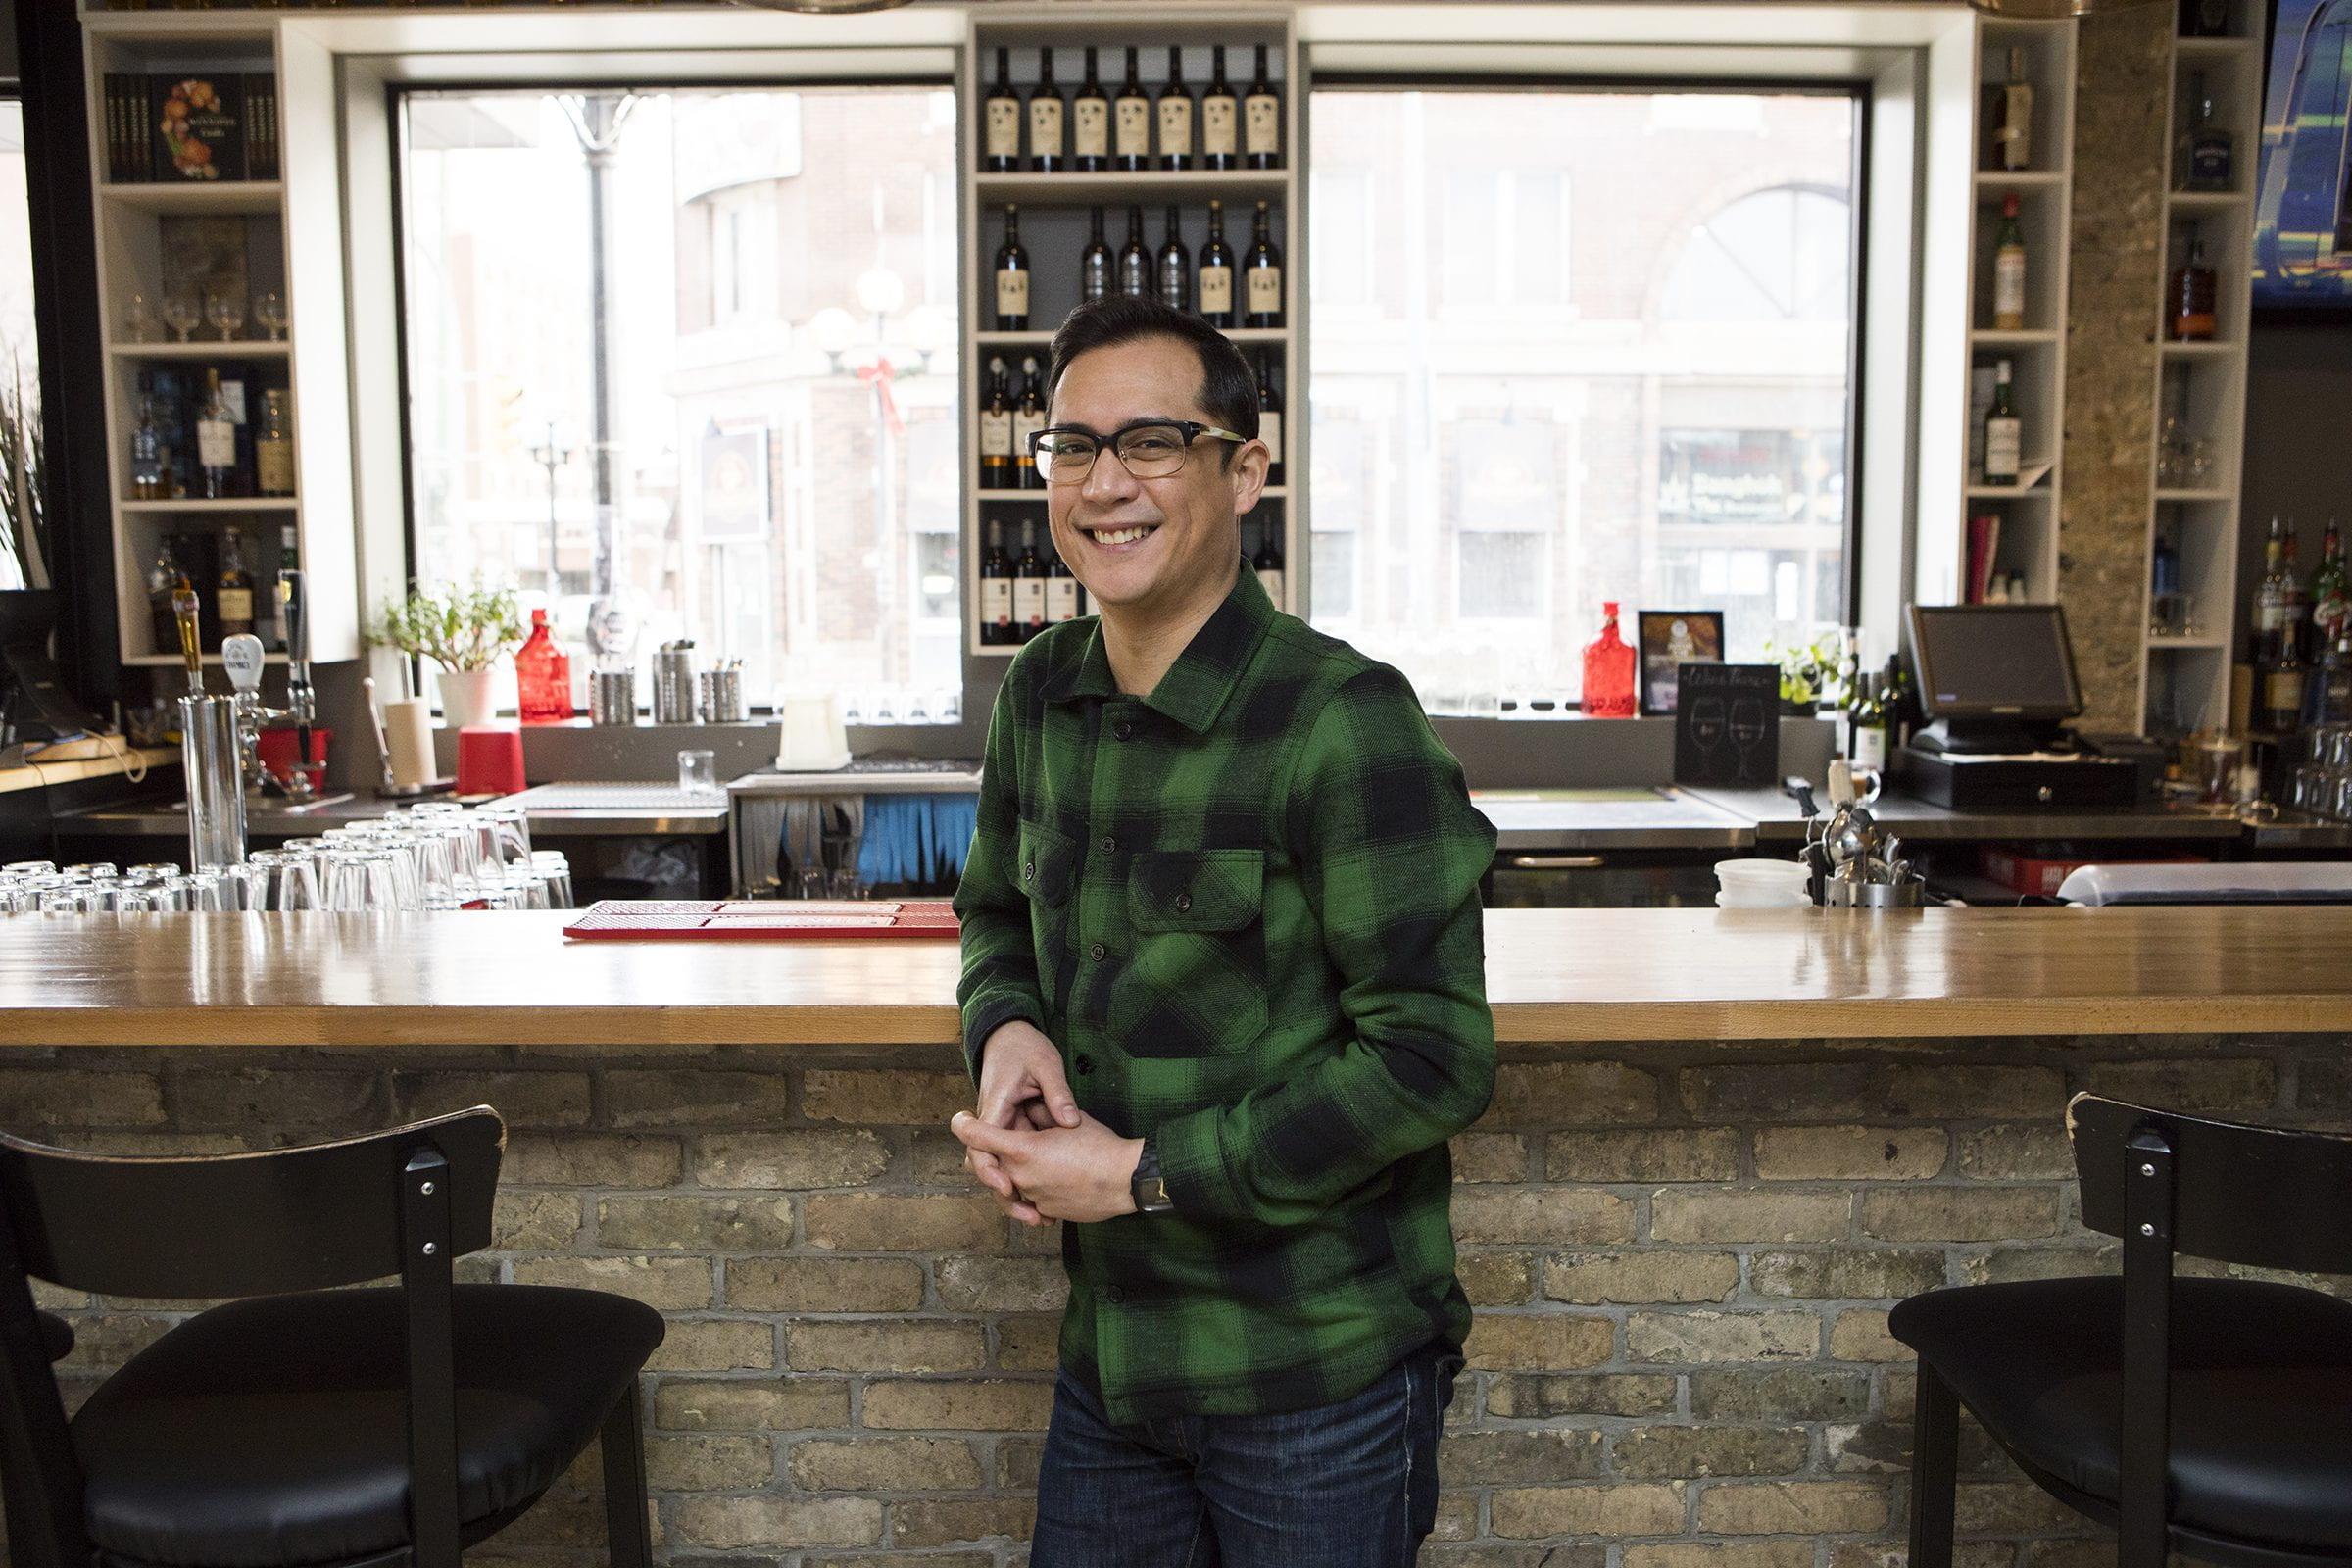 Chef Norm Pastorin, Cornerstone Bar & Restaurant